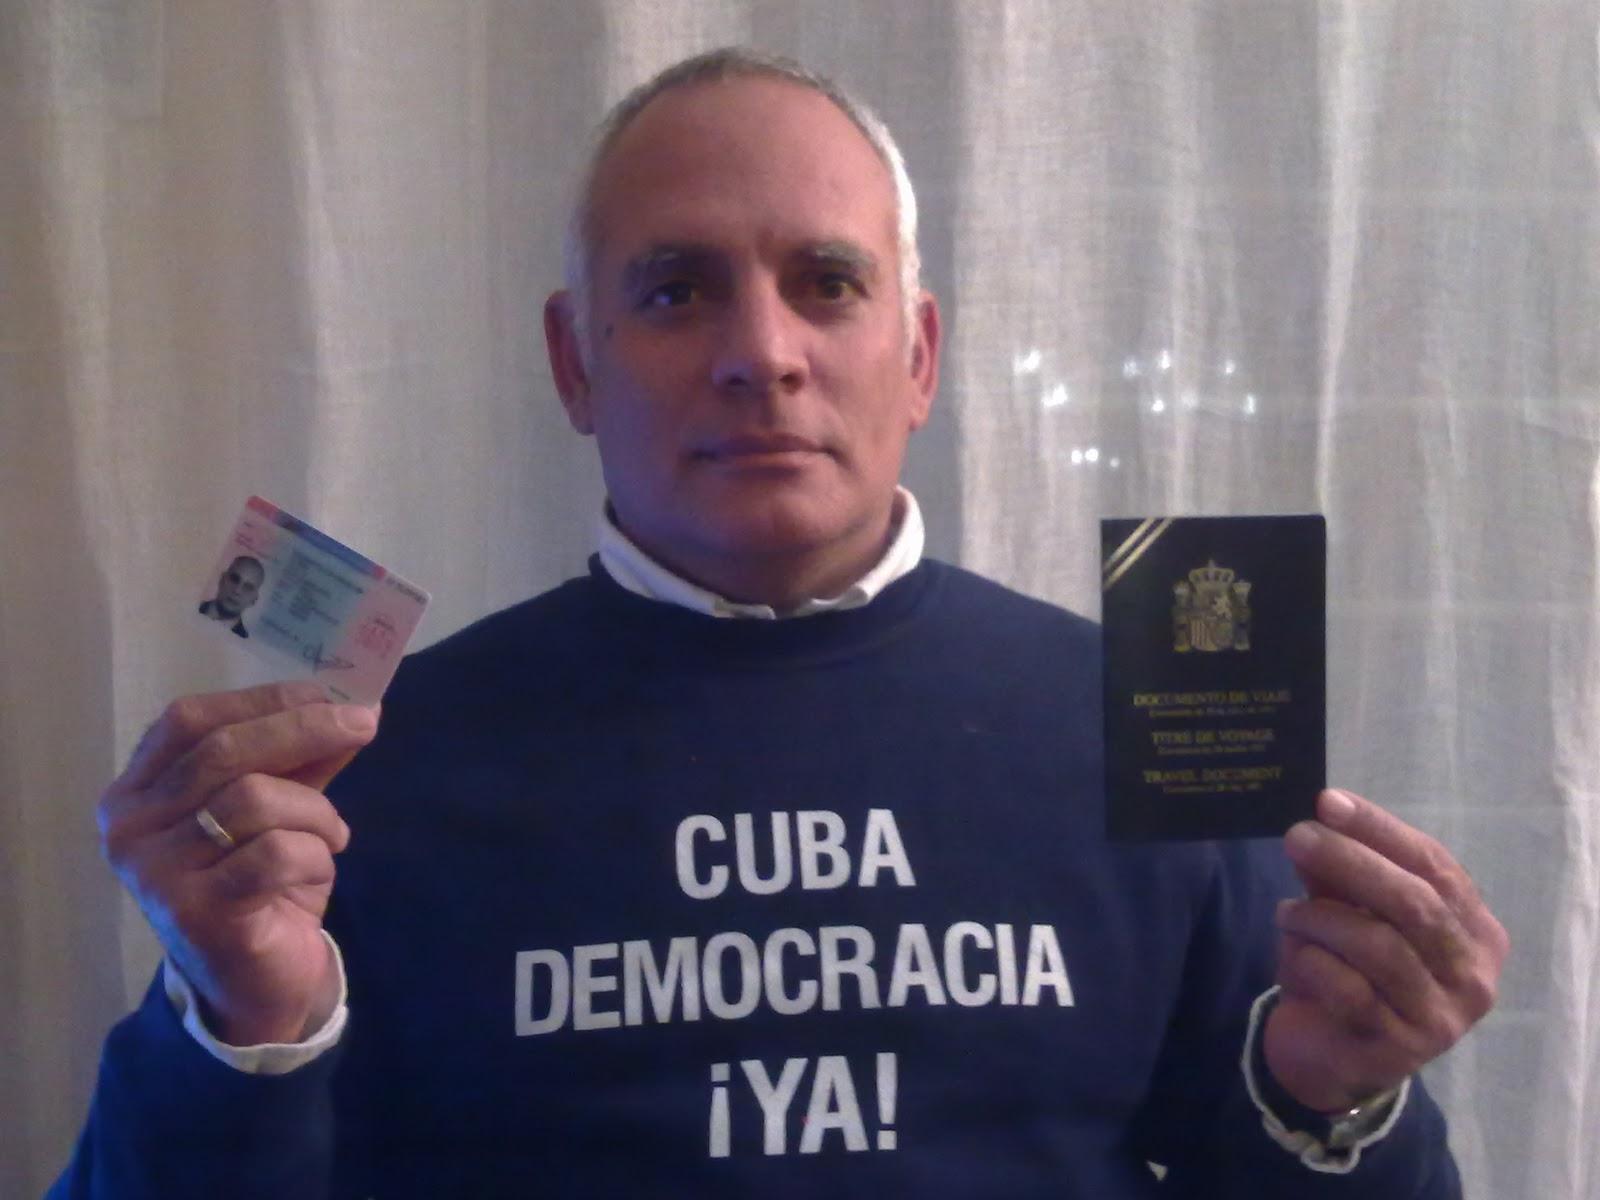 Cuba democracia ya blog la oficina de asilo y refugio devuelve la documentaci n a rigoberto - Oficina de asilo y refugio ...